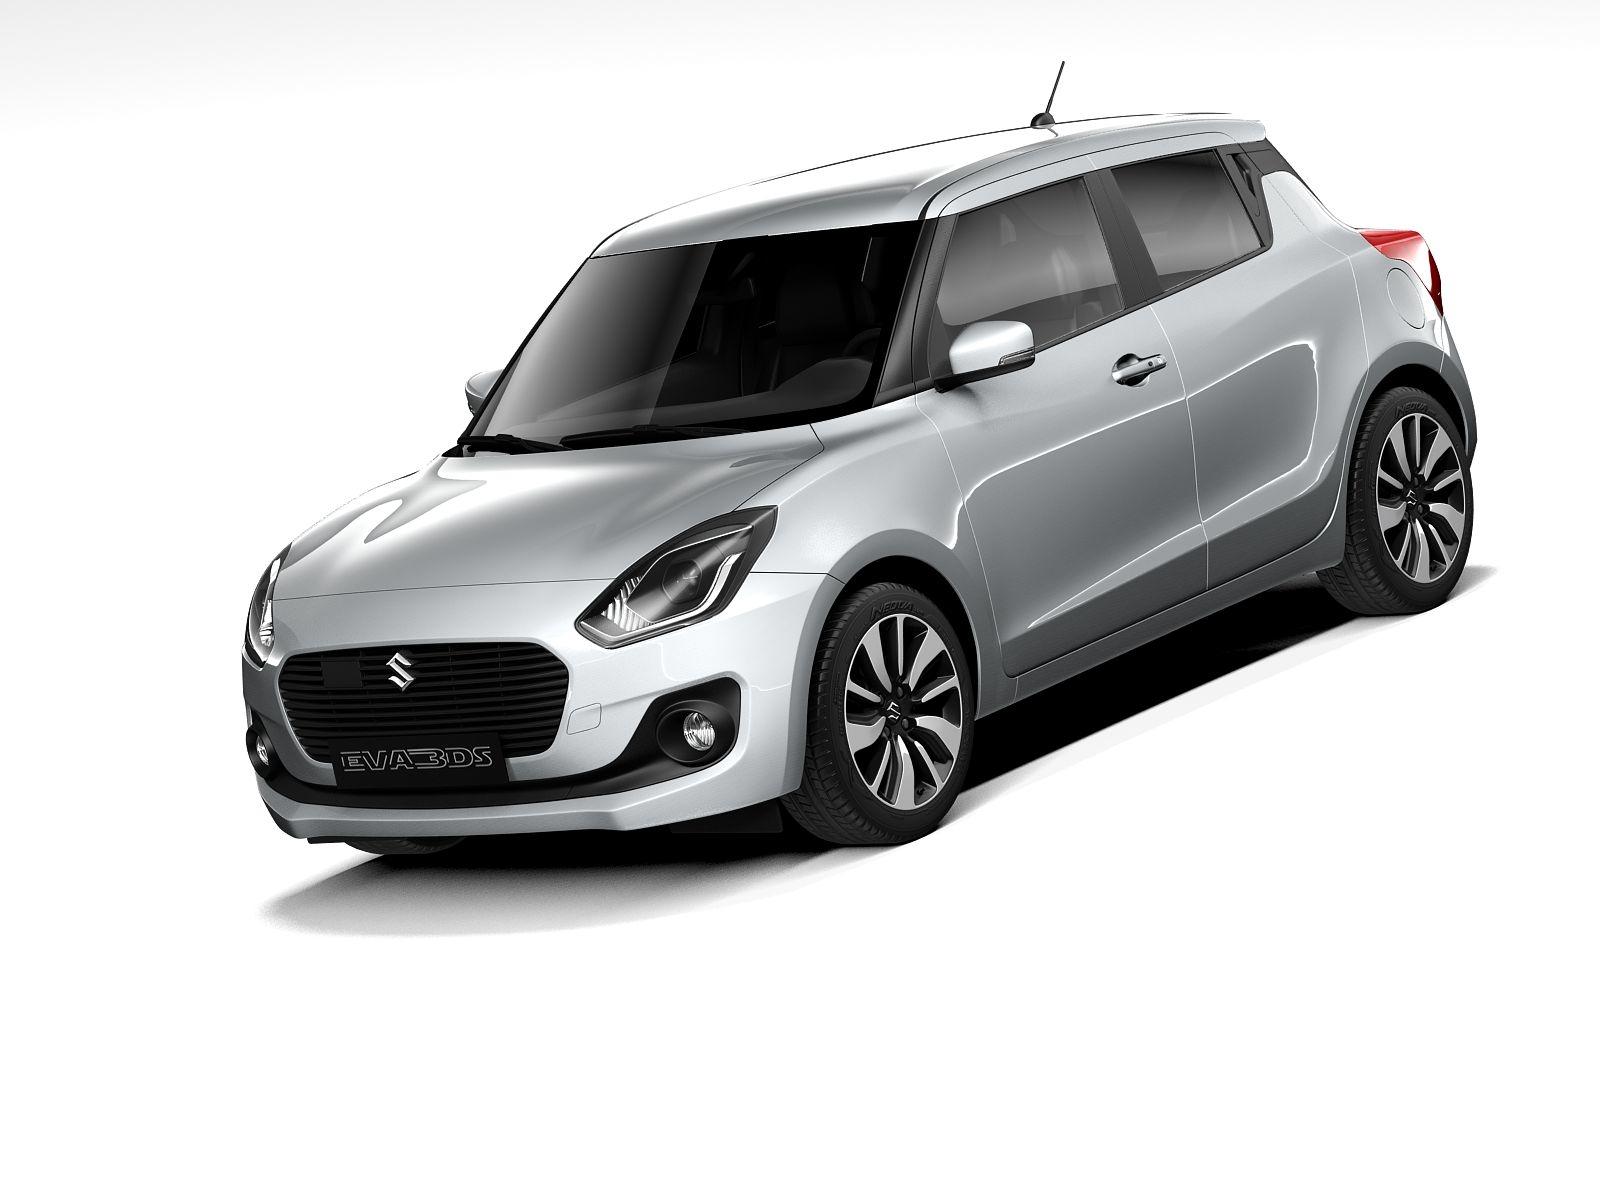 Image result for Suzuki Swift: